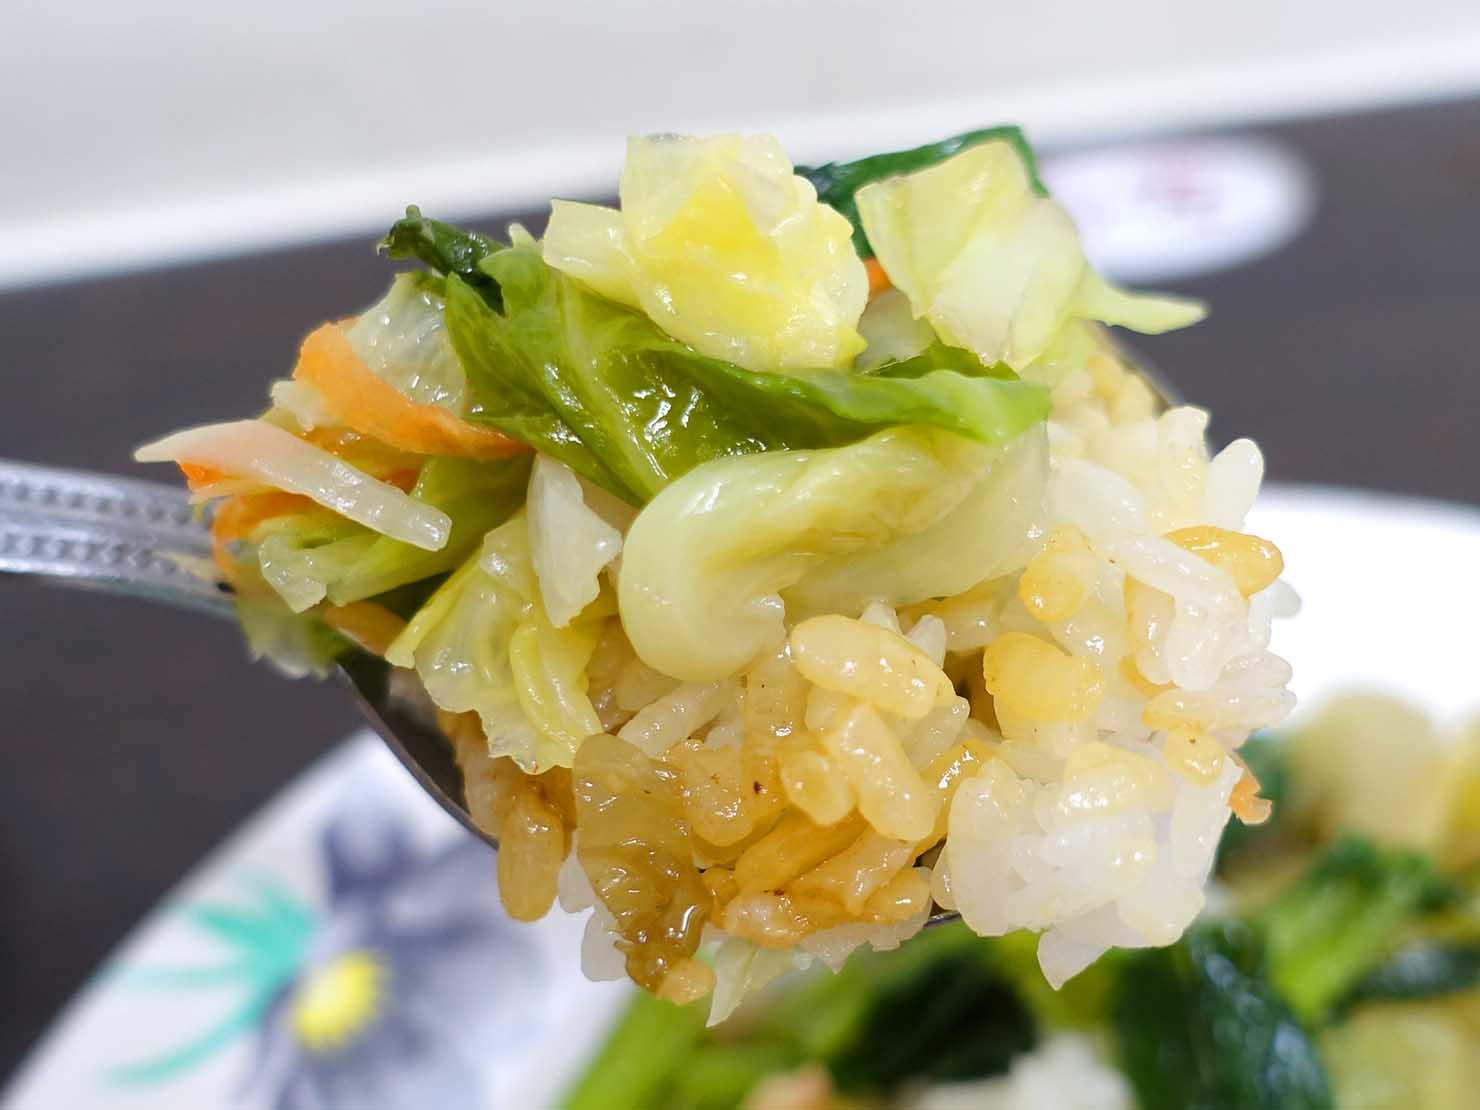 台北・西門町のおすすめグルメ店「金滿園排骨」のごはんクローズアップ